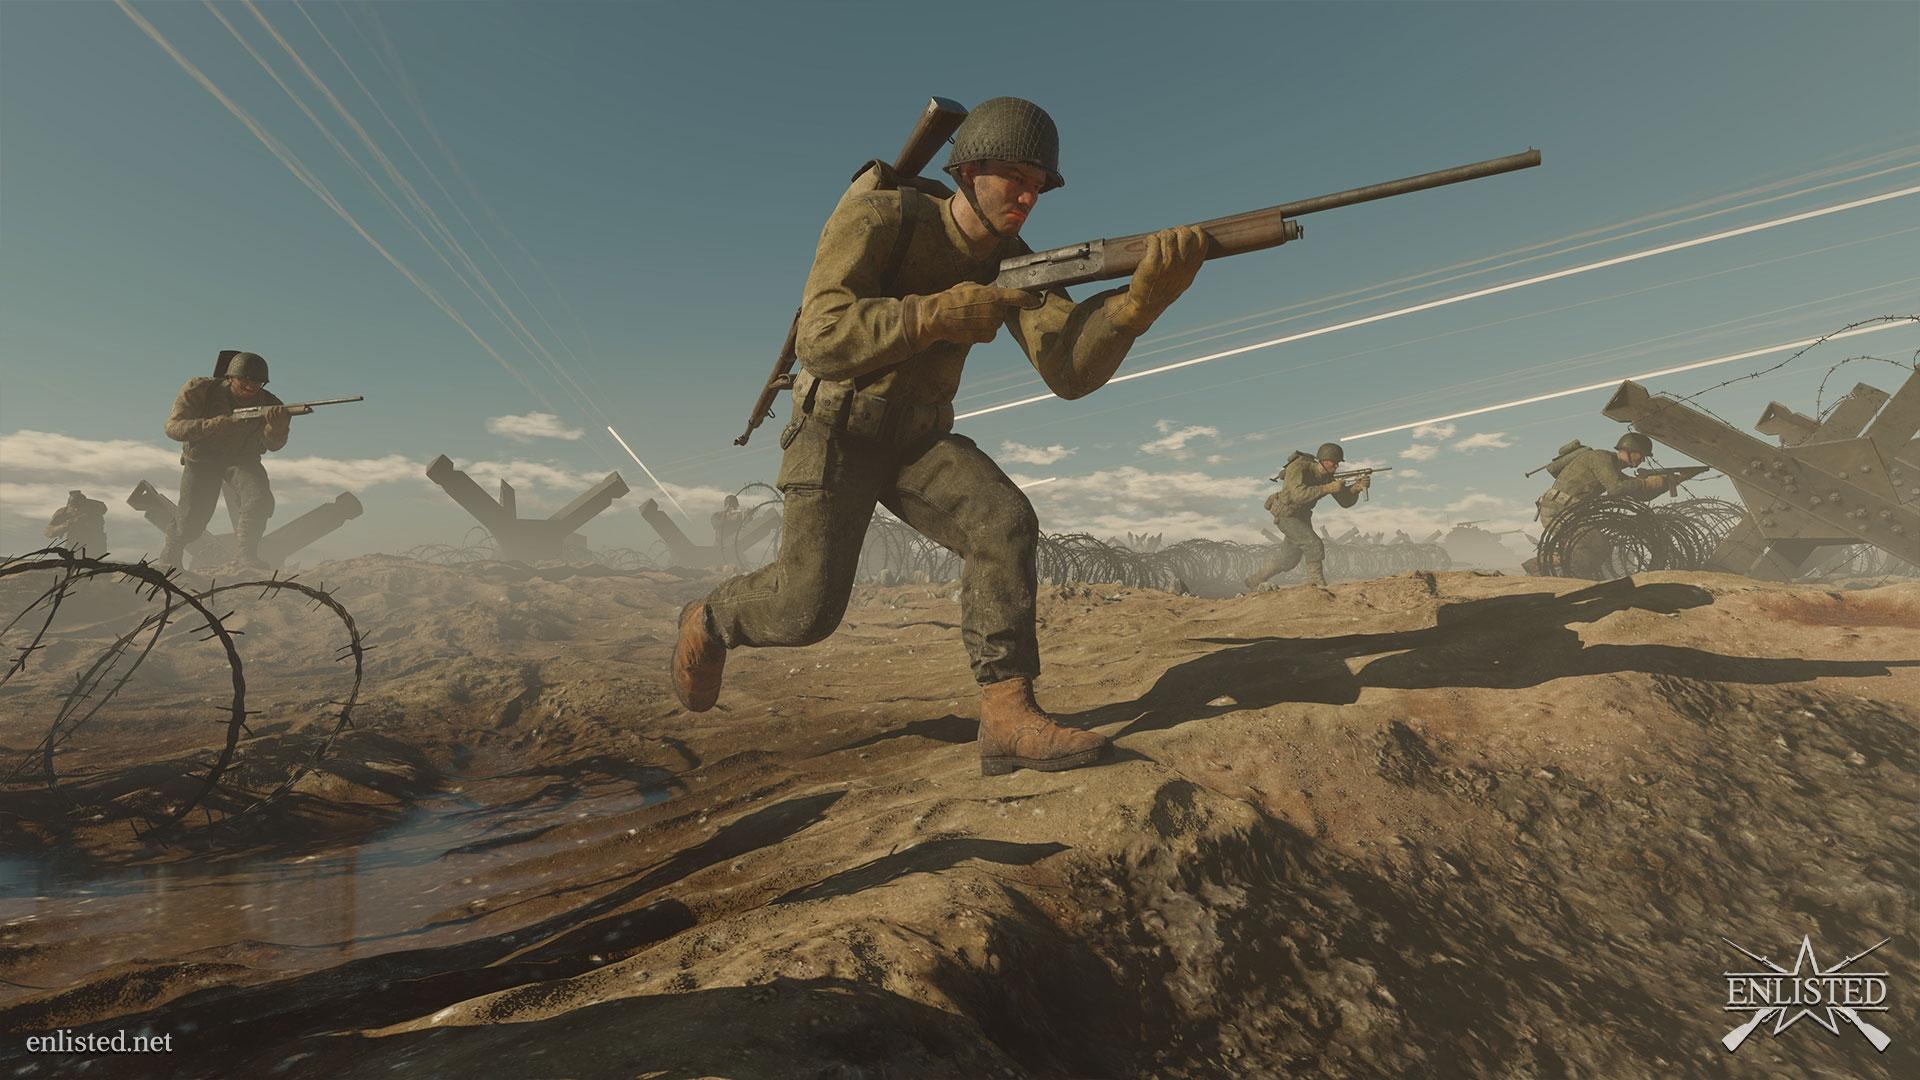 Игра Enlisted добралась до Xbox One, ранее шутер был доступен только на Xbox Series X | S